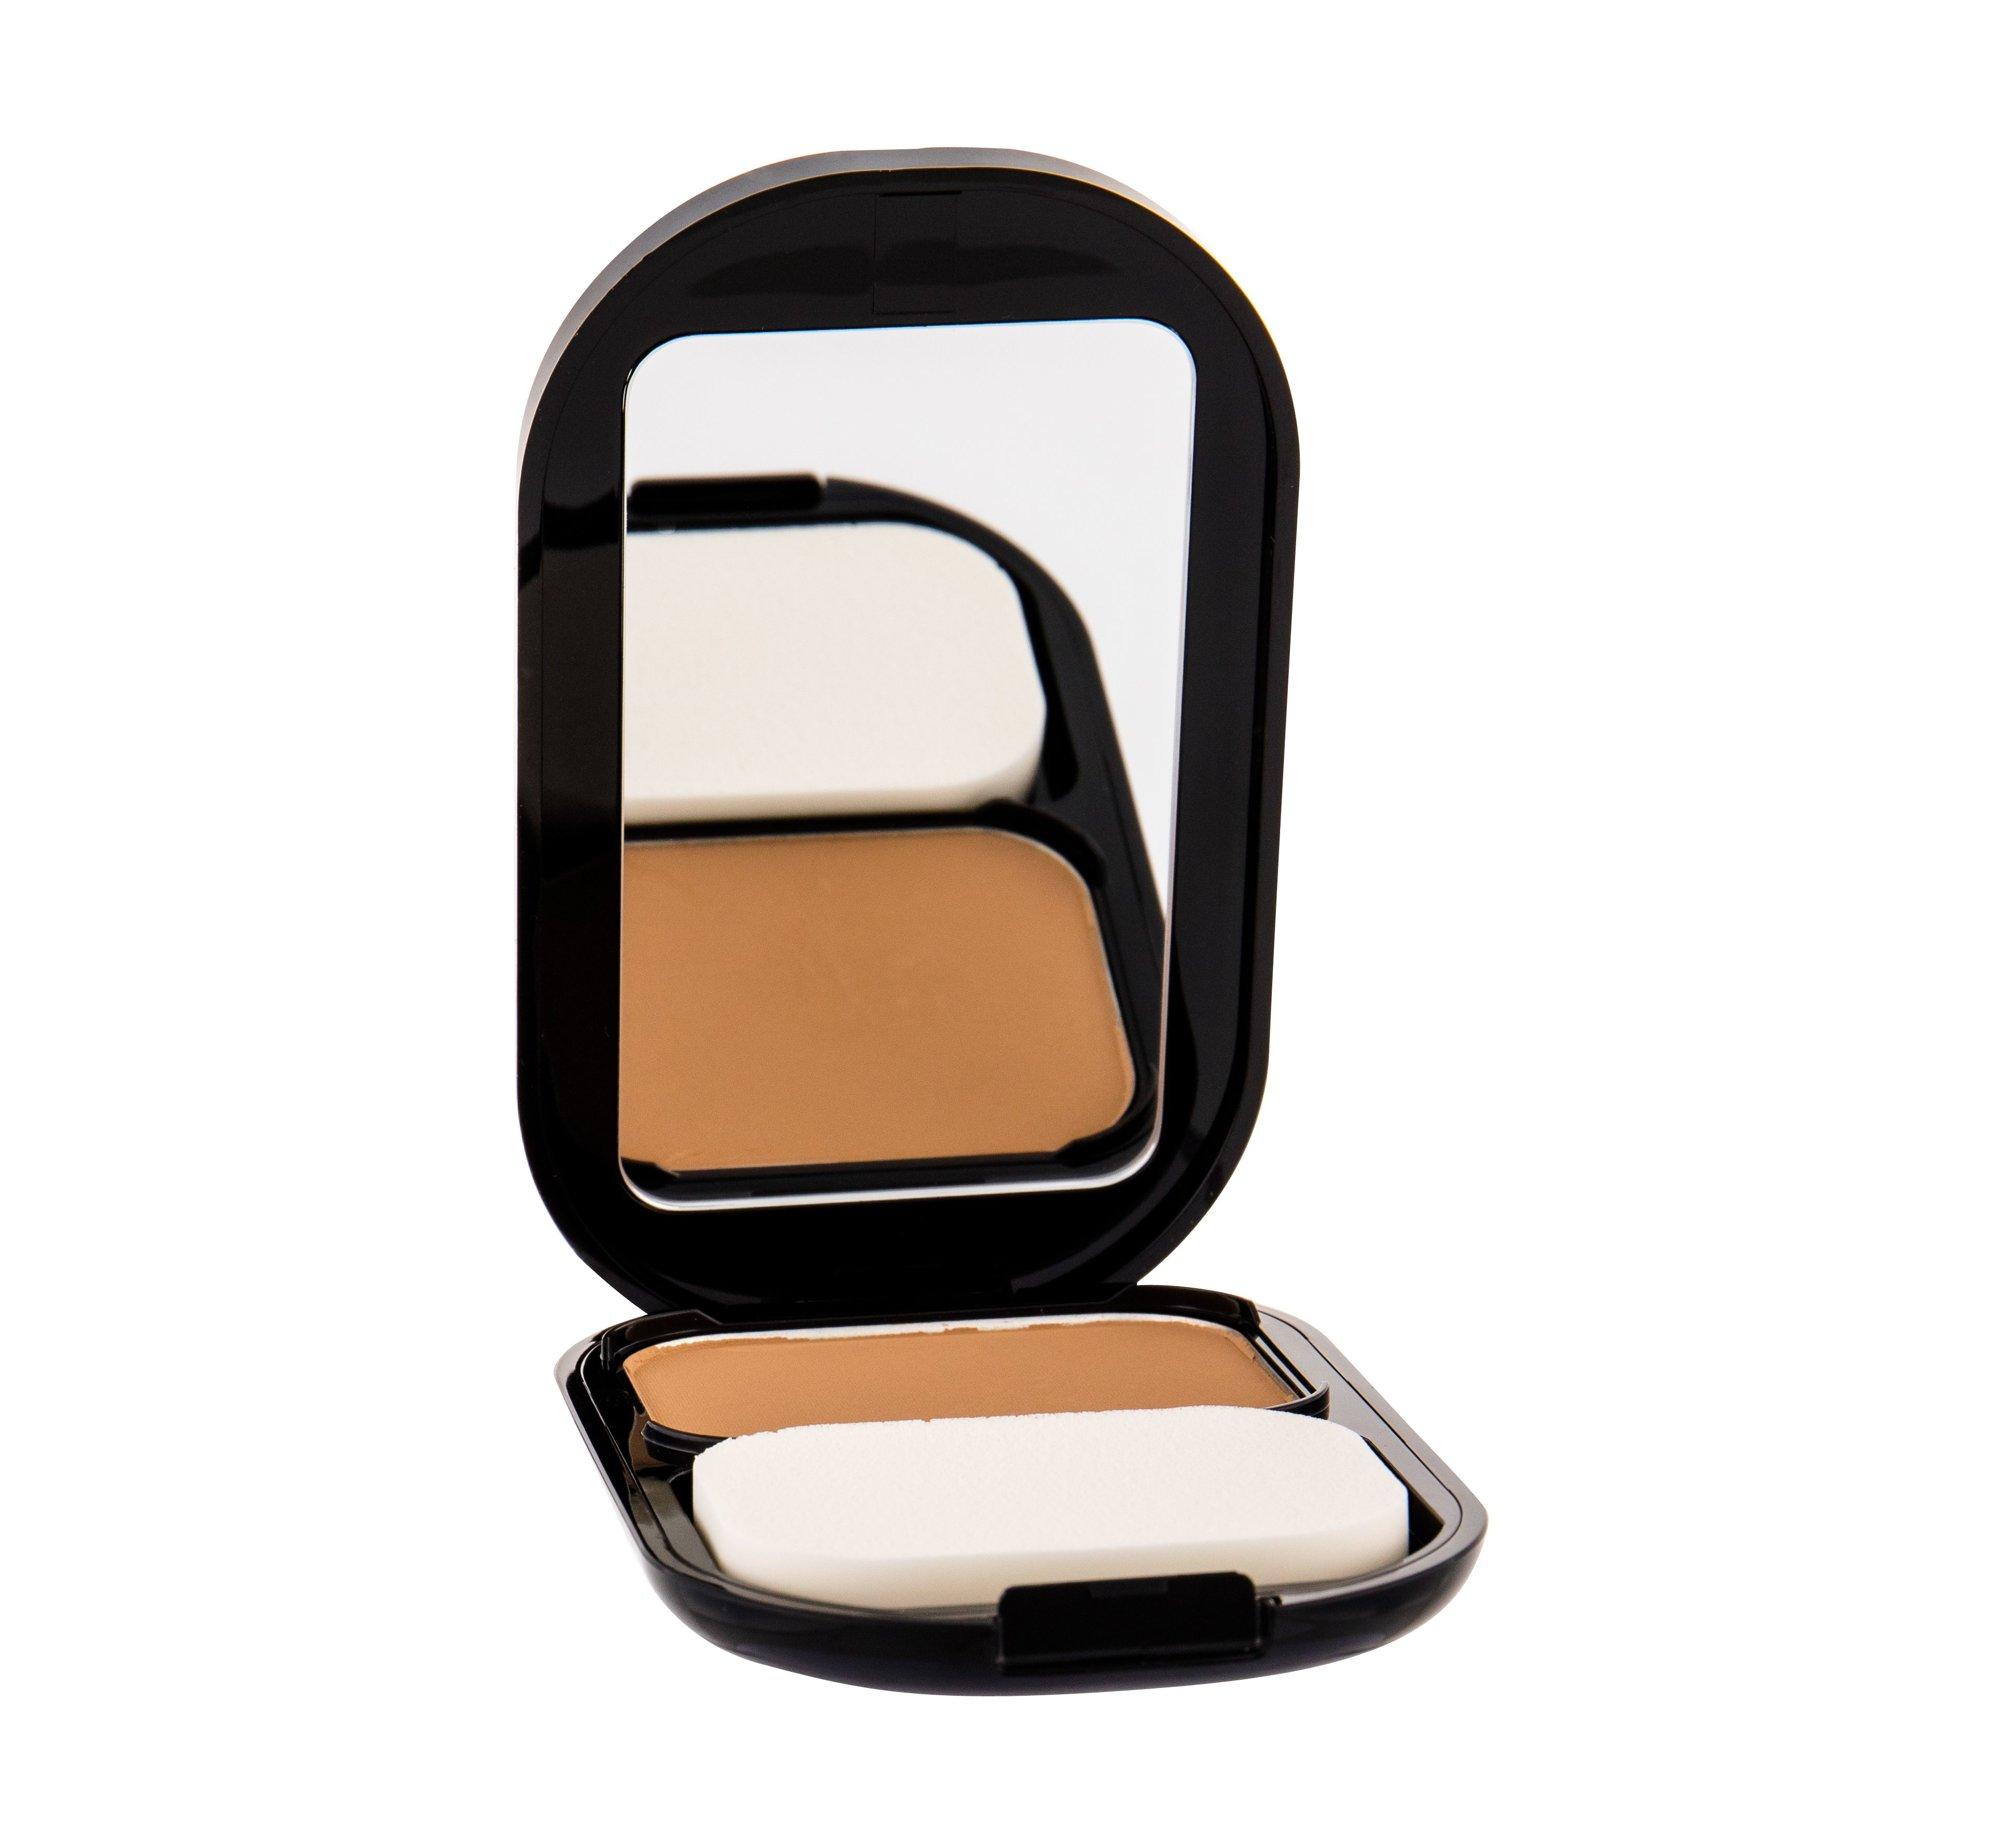 Max Factor Facefinity Makeup 10ml 009 Caramel